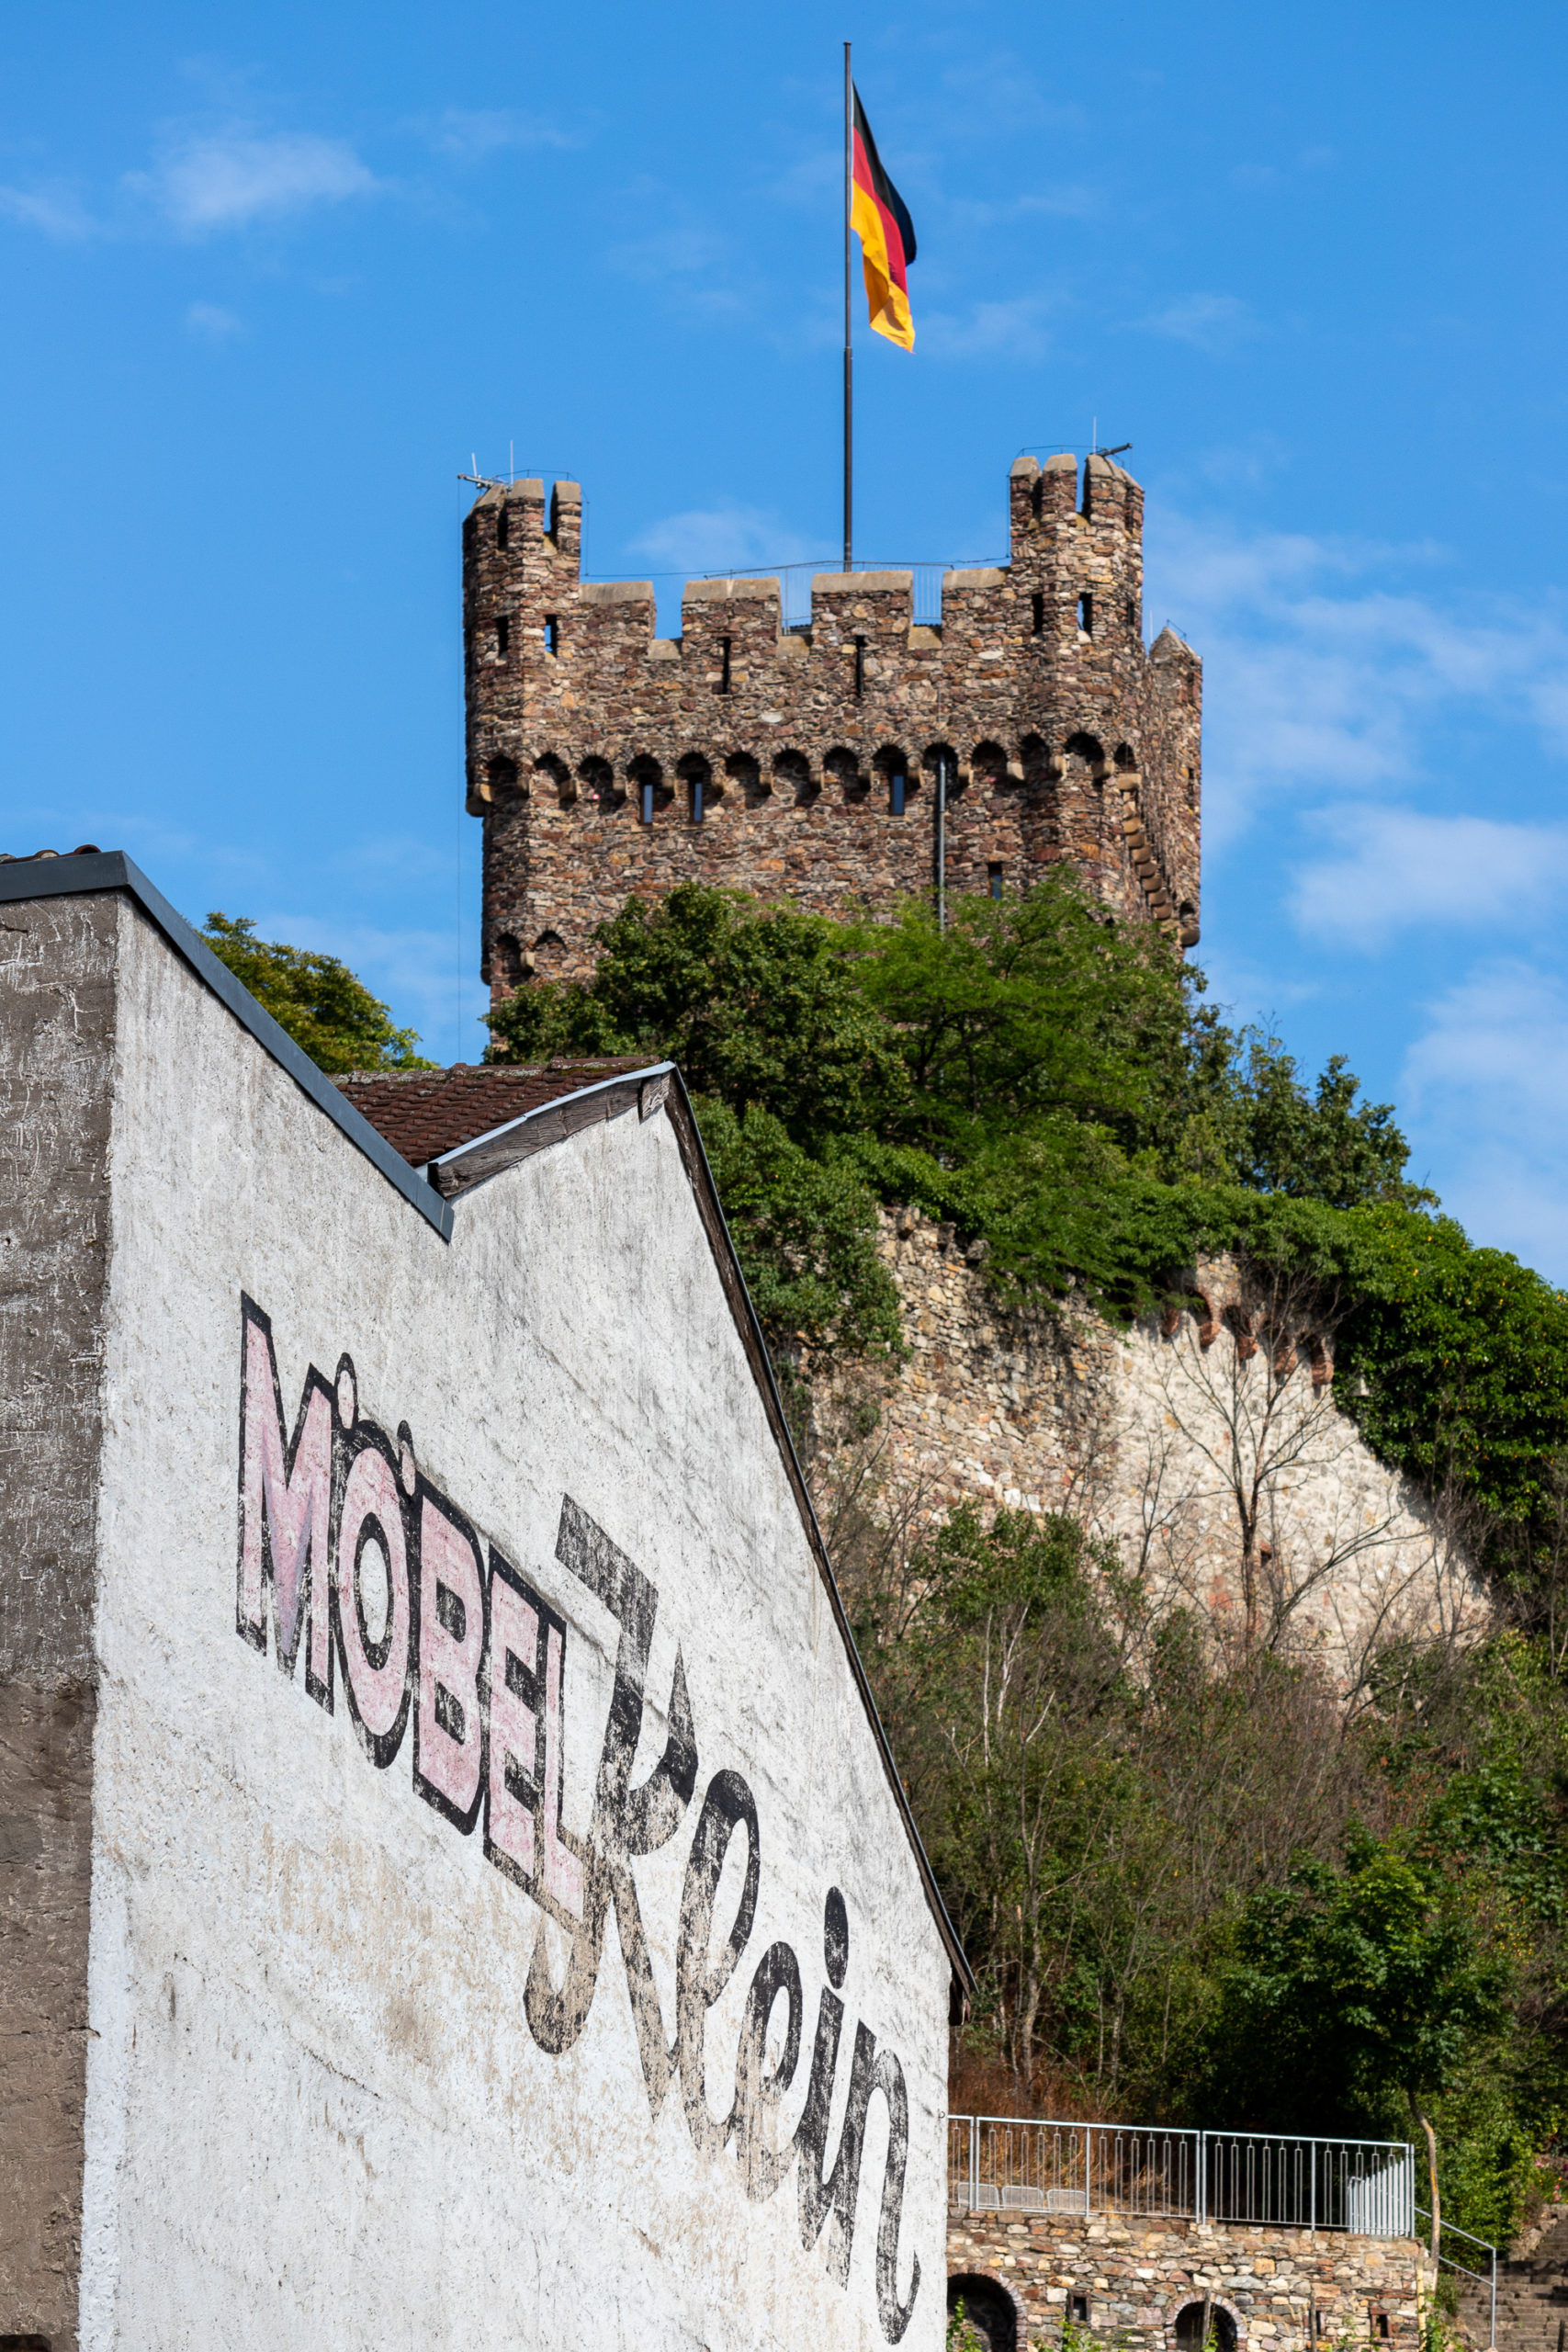 """Im Vordergrund eine Häuserwand, auf der verblichen """"Möbel Klein"""" steht, dahinter der Turm der Turm der Burg Klopp."""